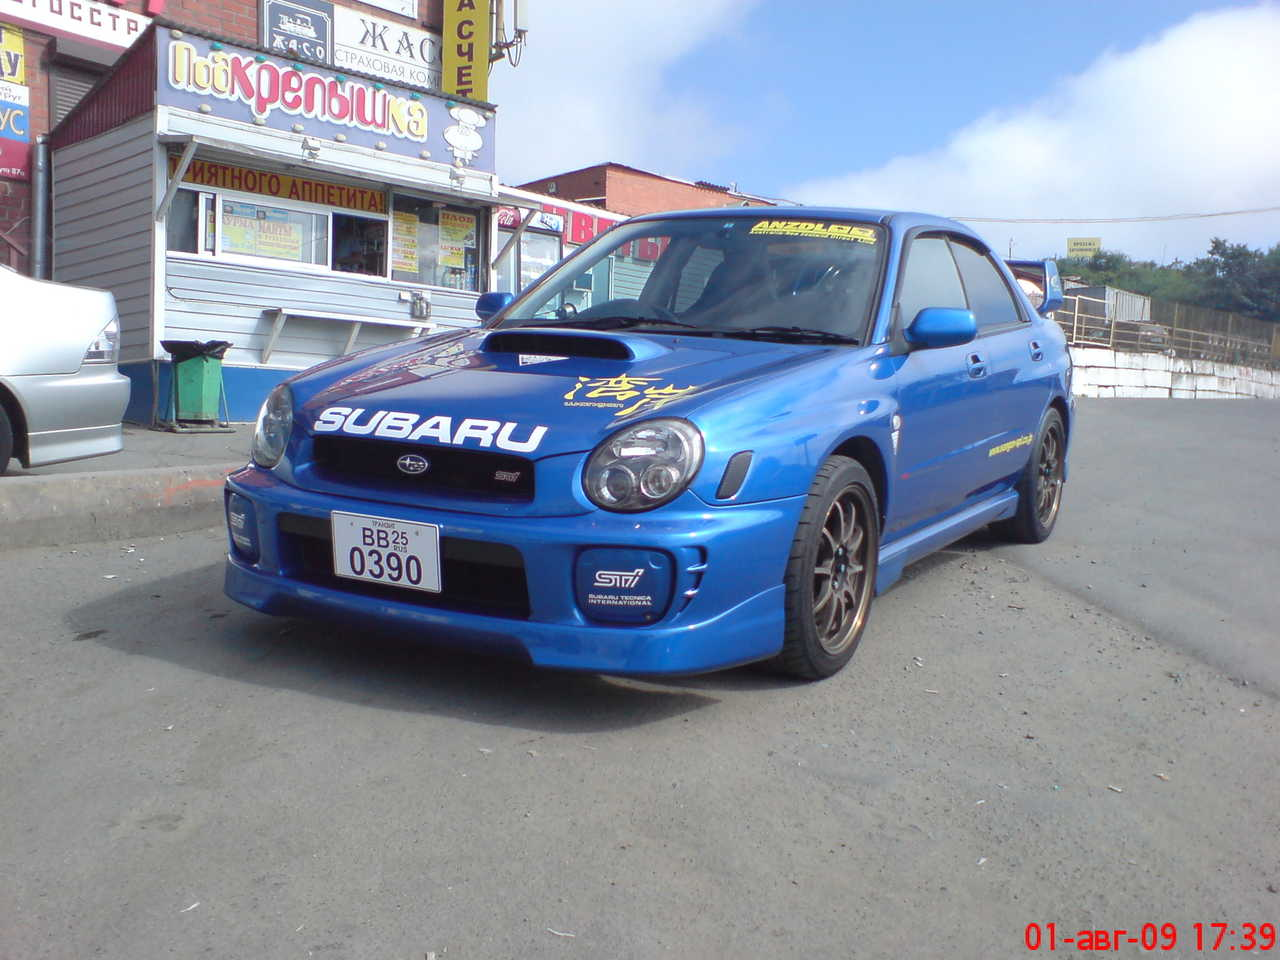 2001 subaru impreza wrx sti pictures, 2.0l., gasoline, manual for